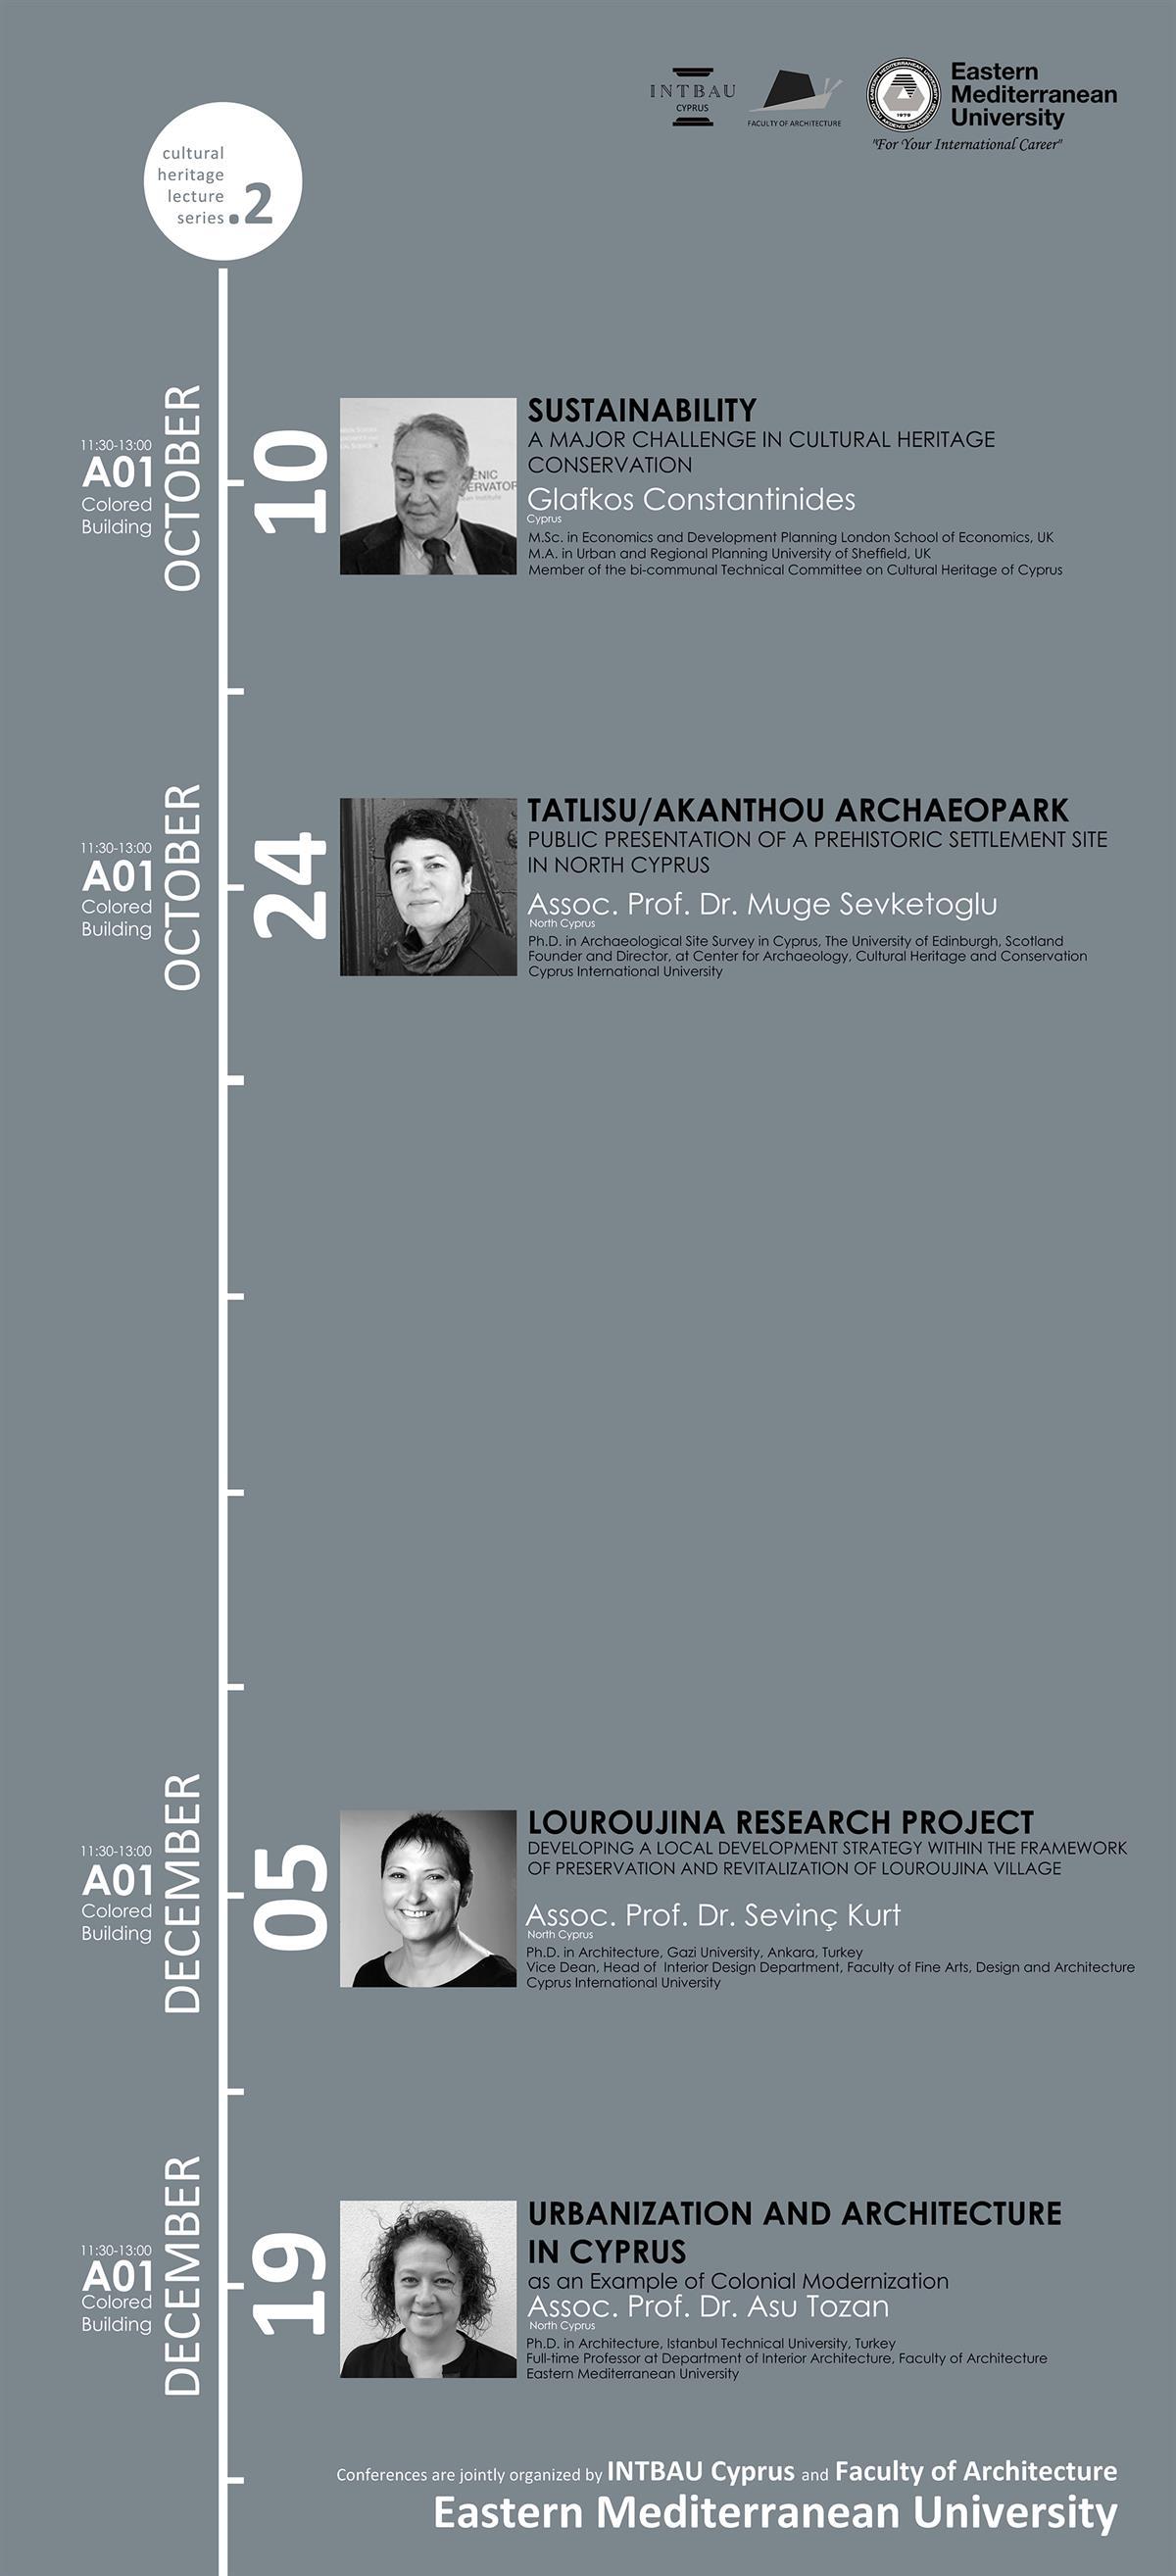 Emu Calendar.Cultural Heritage Lecture Series 2 Calendar Announcements